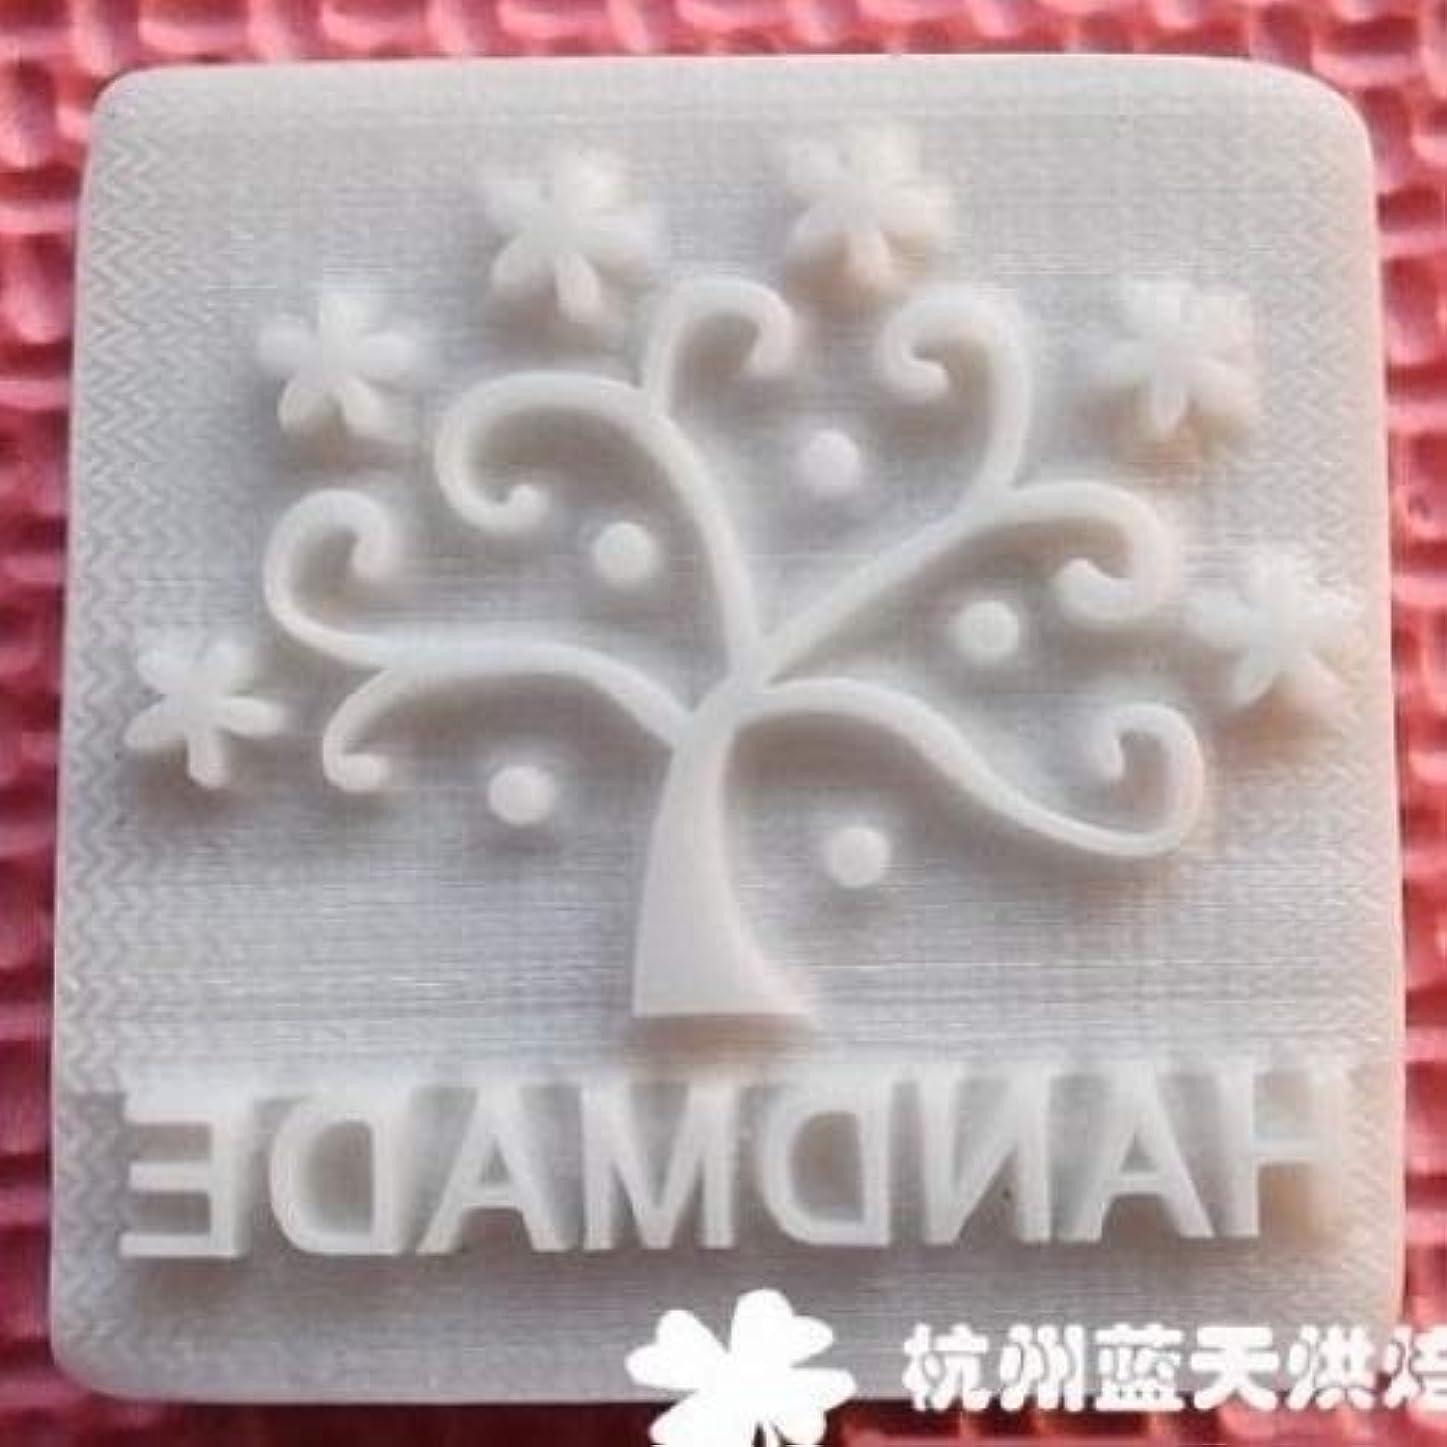 暖かく酸化物オークションラッキーツリーパターンミニDIYソープスタンプシャプターシール5 * 5センチ、1個。アレナショップ